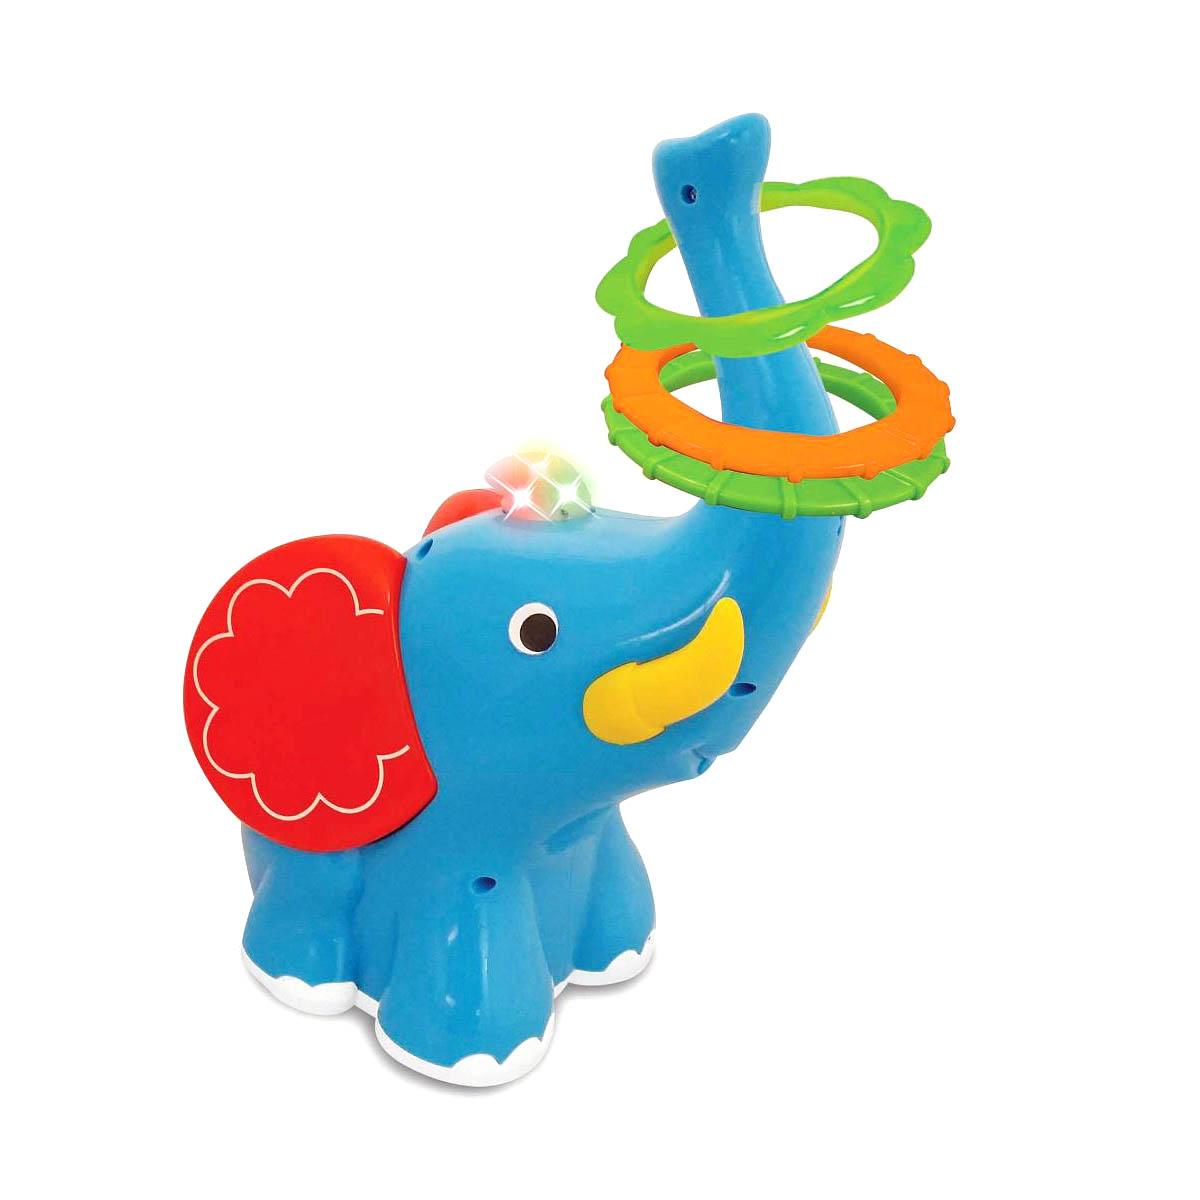 Развивающая игрушка - Слон-кольцебросРазвивающие игрушки KIDDIELAND<br>Развивающая игрушка - Слон-кольцеброс<br>